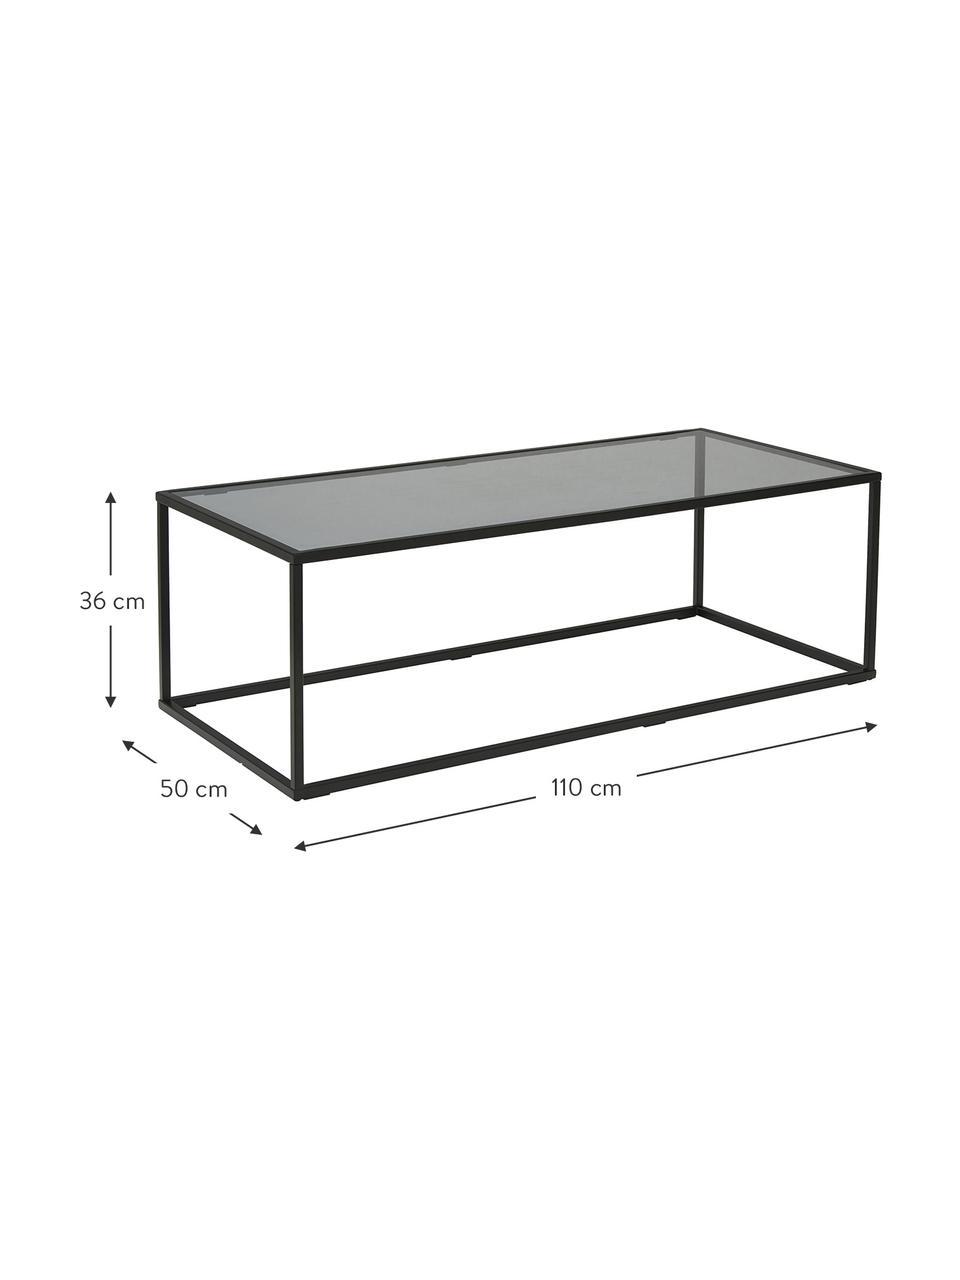 Couchtisch Maya mit Glasplatte, Tischplatte: Sicherheitsglas, Gestell: Metall, pulverbeschichtet, Glas schwarz getönt, Schwarz, 110 x 36 cm